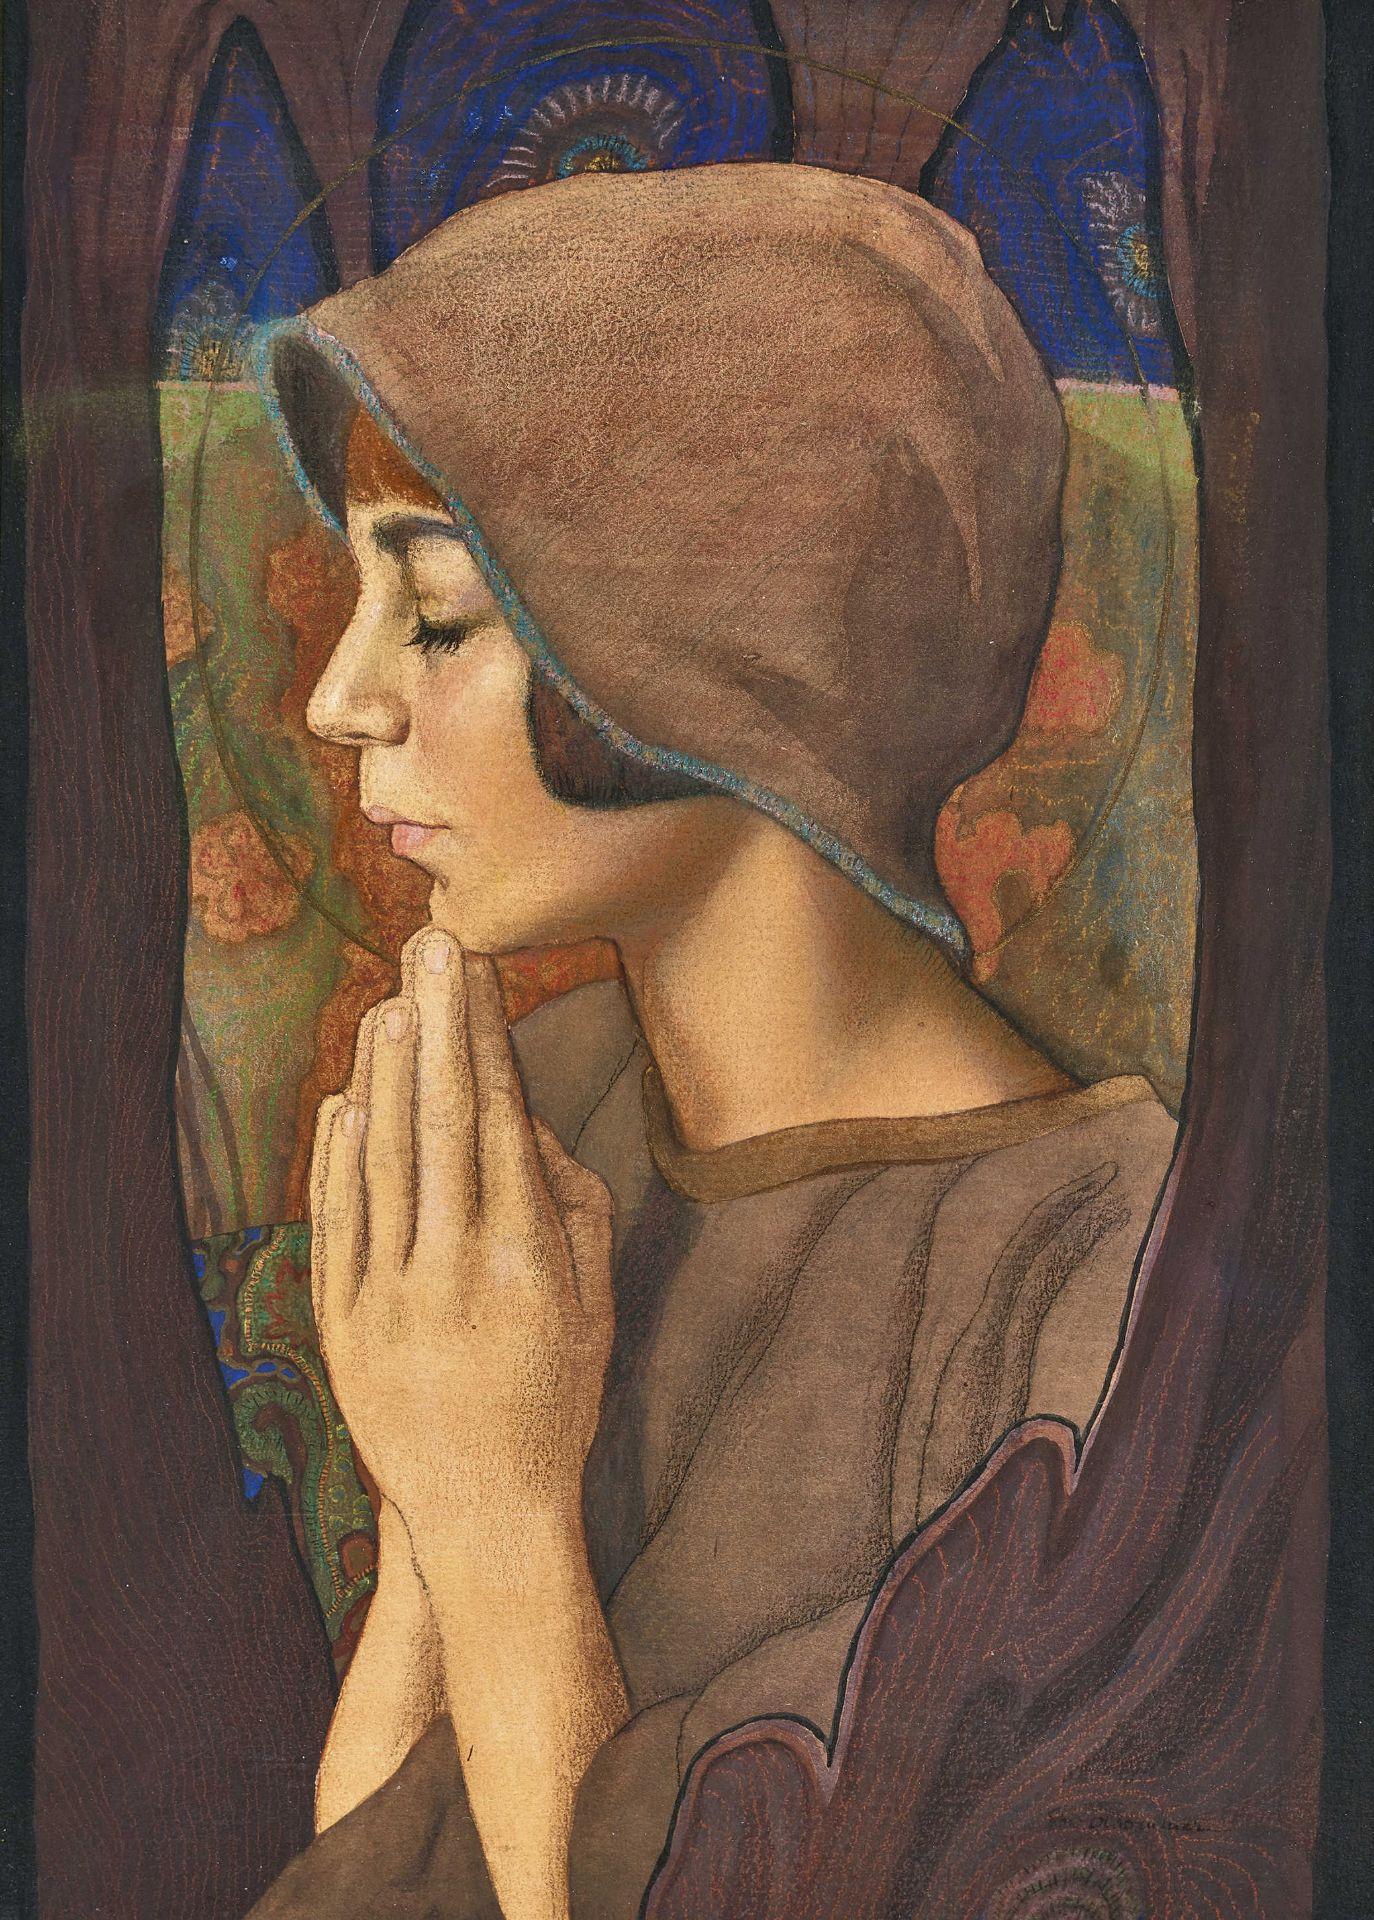 OLSOMMER, CHARLES-CLOS: La prière.